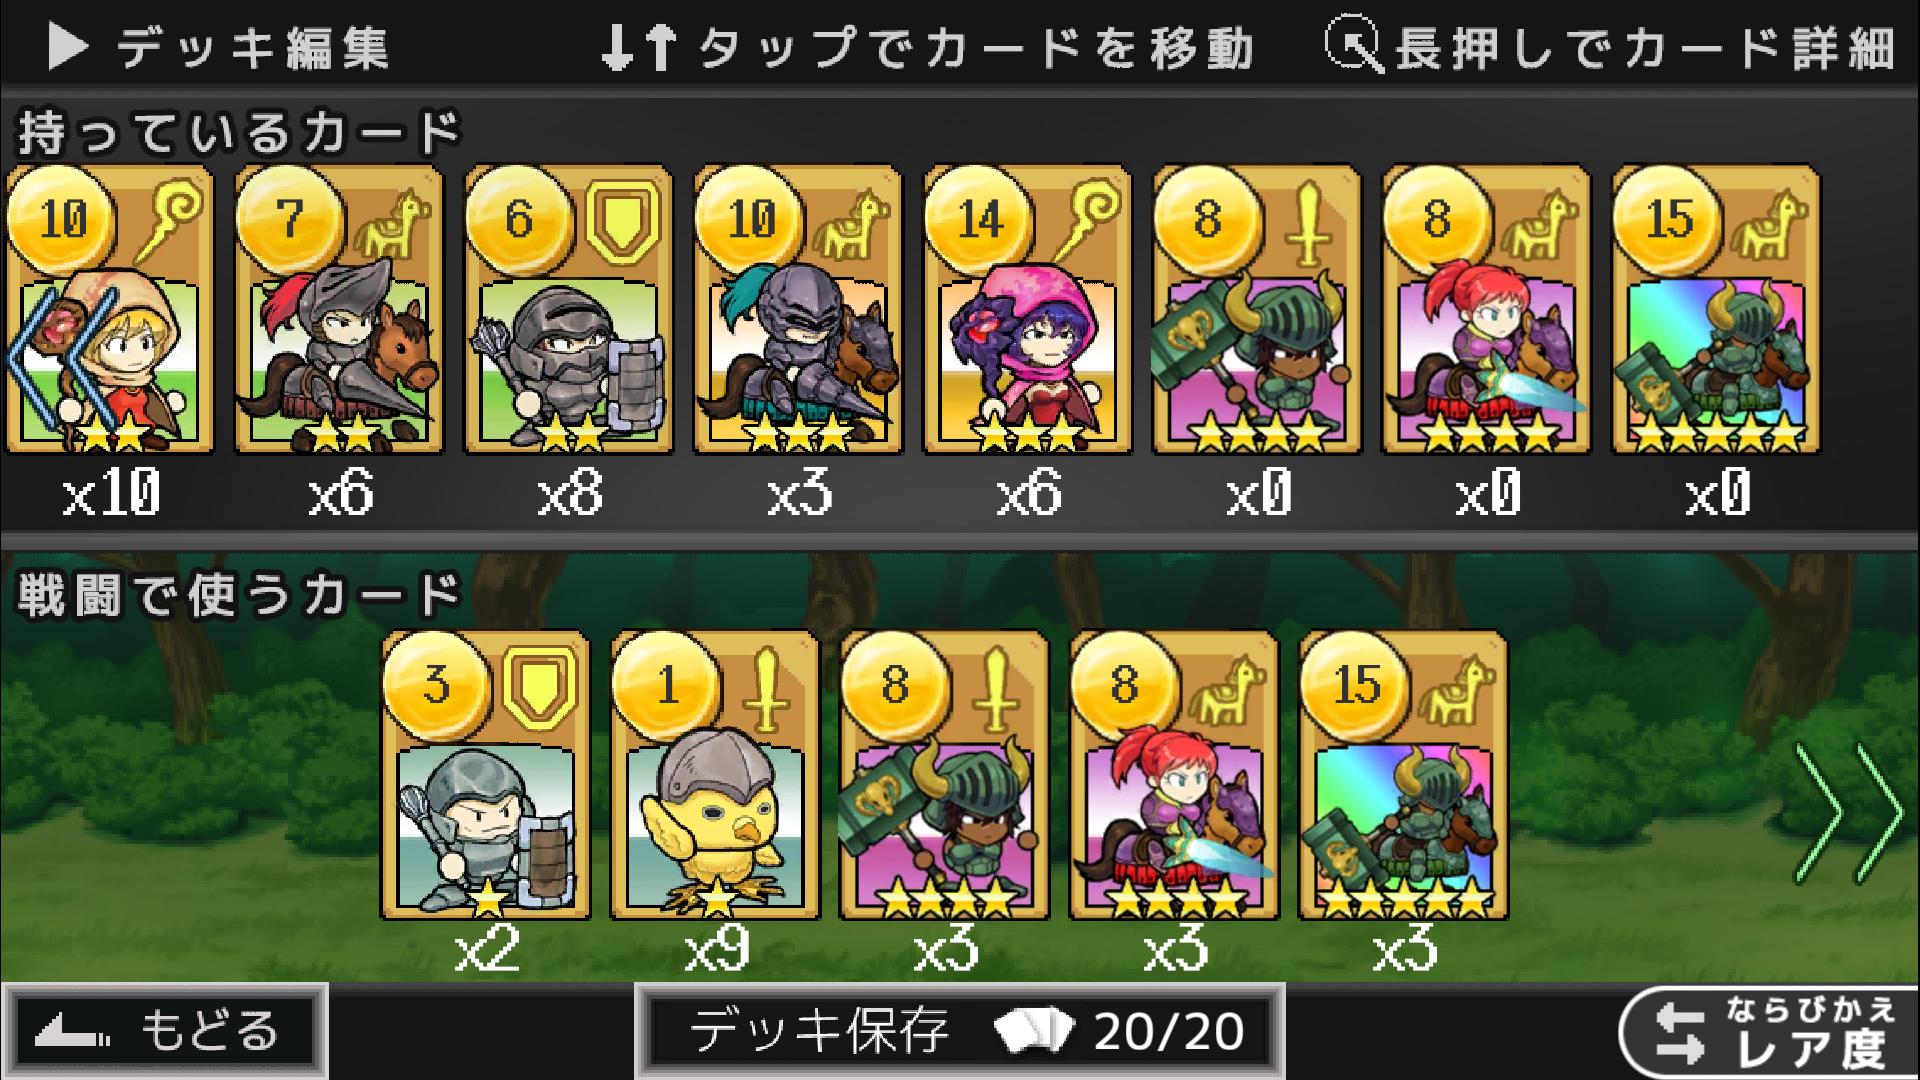 傭兵王 ~カードで召喚!タワーディフェンス~ androidアプリスクリーンショット2